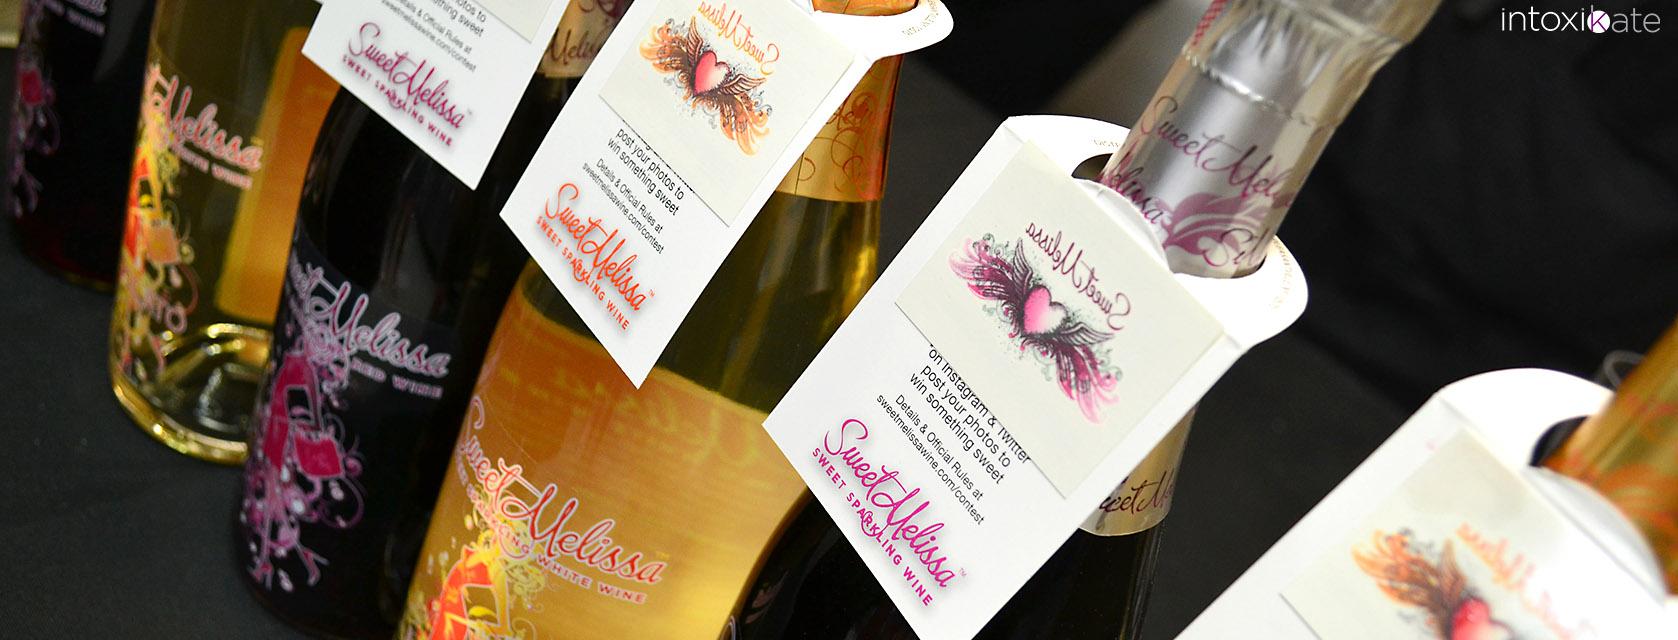 sweet melissa wine